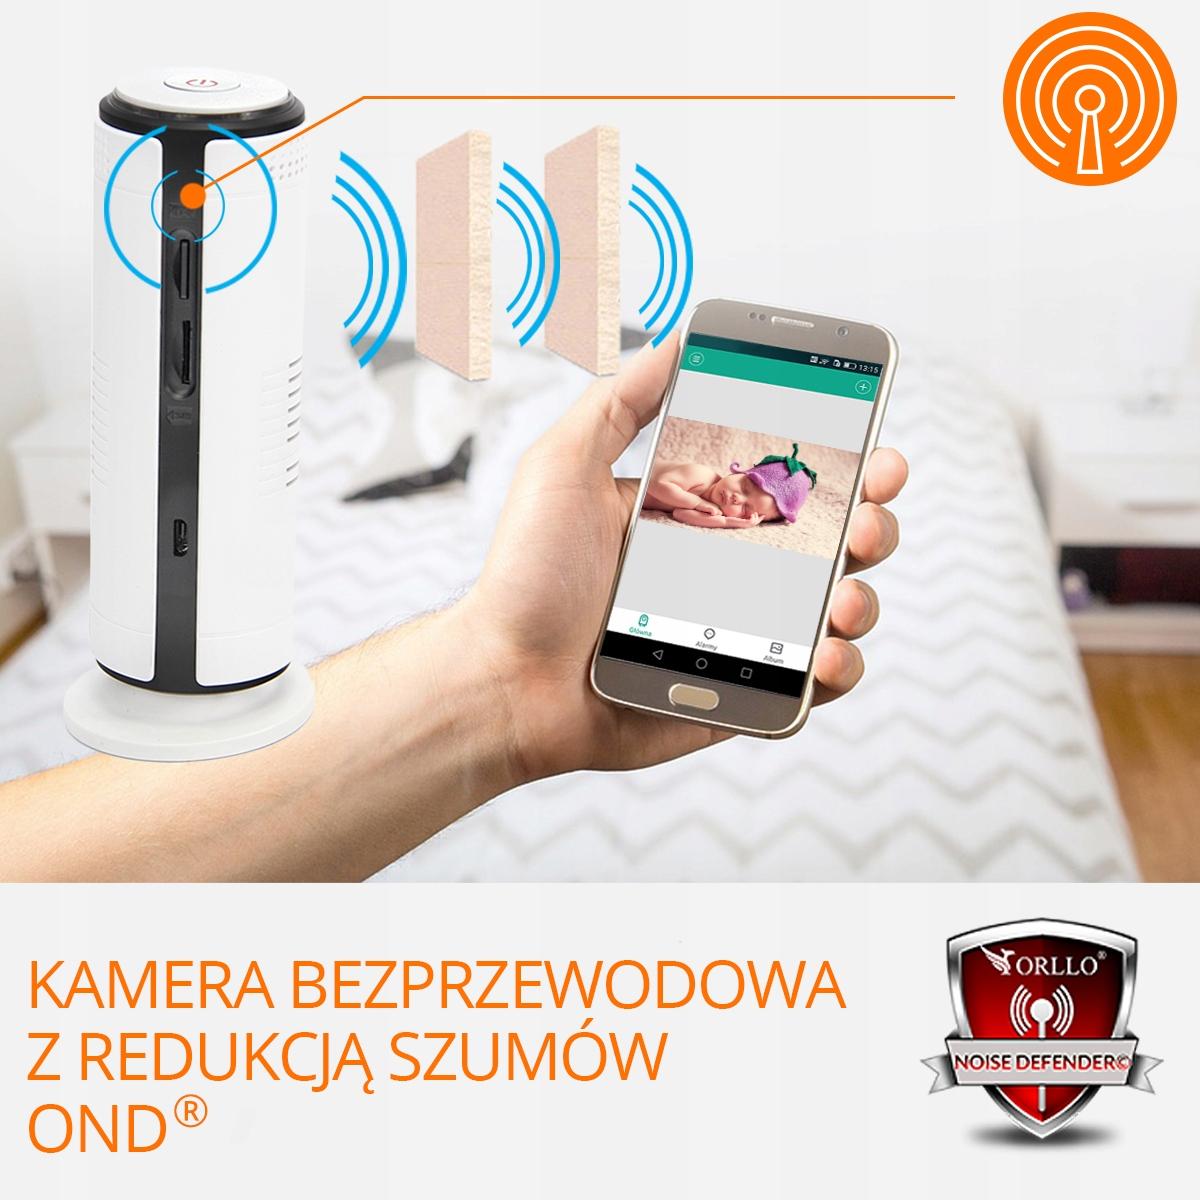 KAMERA HD GSM SIM 3G BATERIA + KARTA 32GB PODGLĄD Funkcje automatyczna regulacja wzmocnienia (AGC) nagrywanie na kartę pamięci szeroki zakres dynamiki (WDR) głośnik mikrofon Wi-Fi